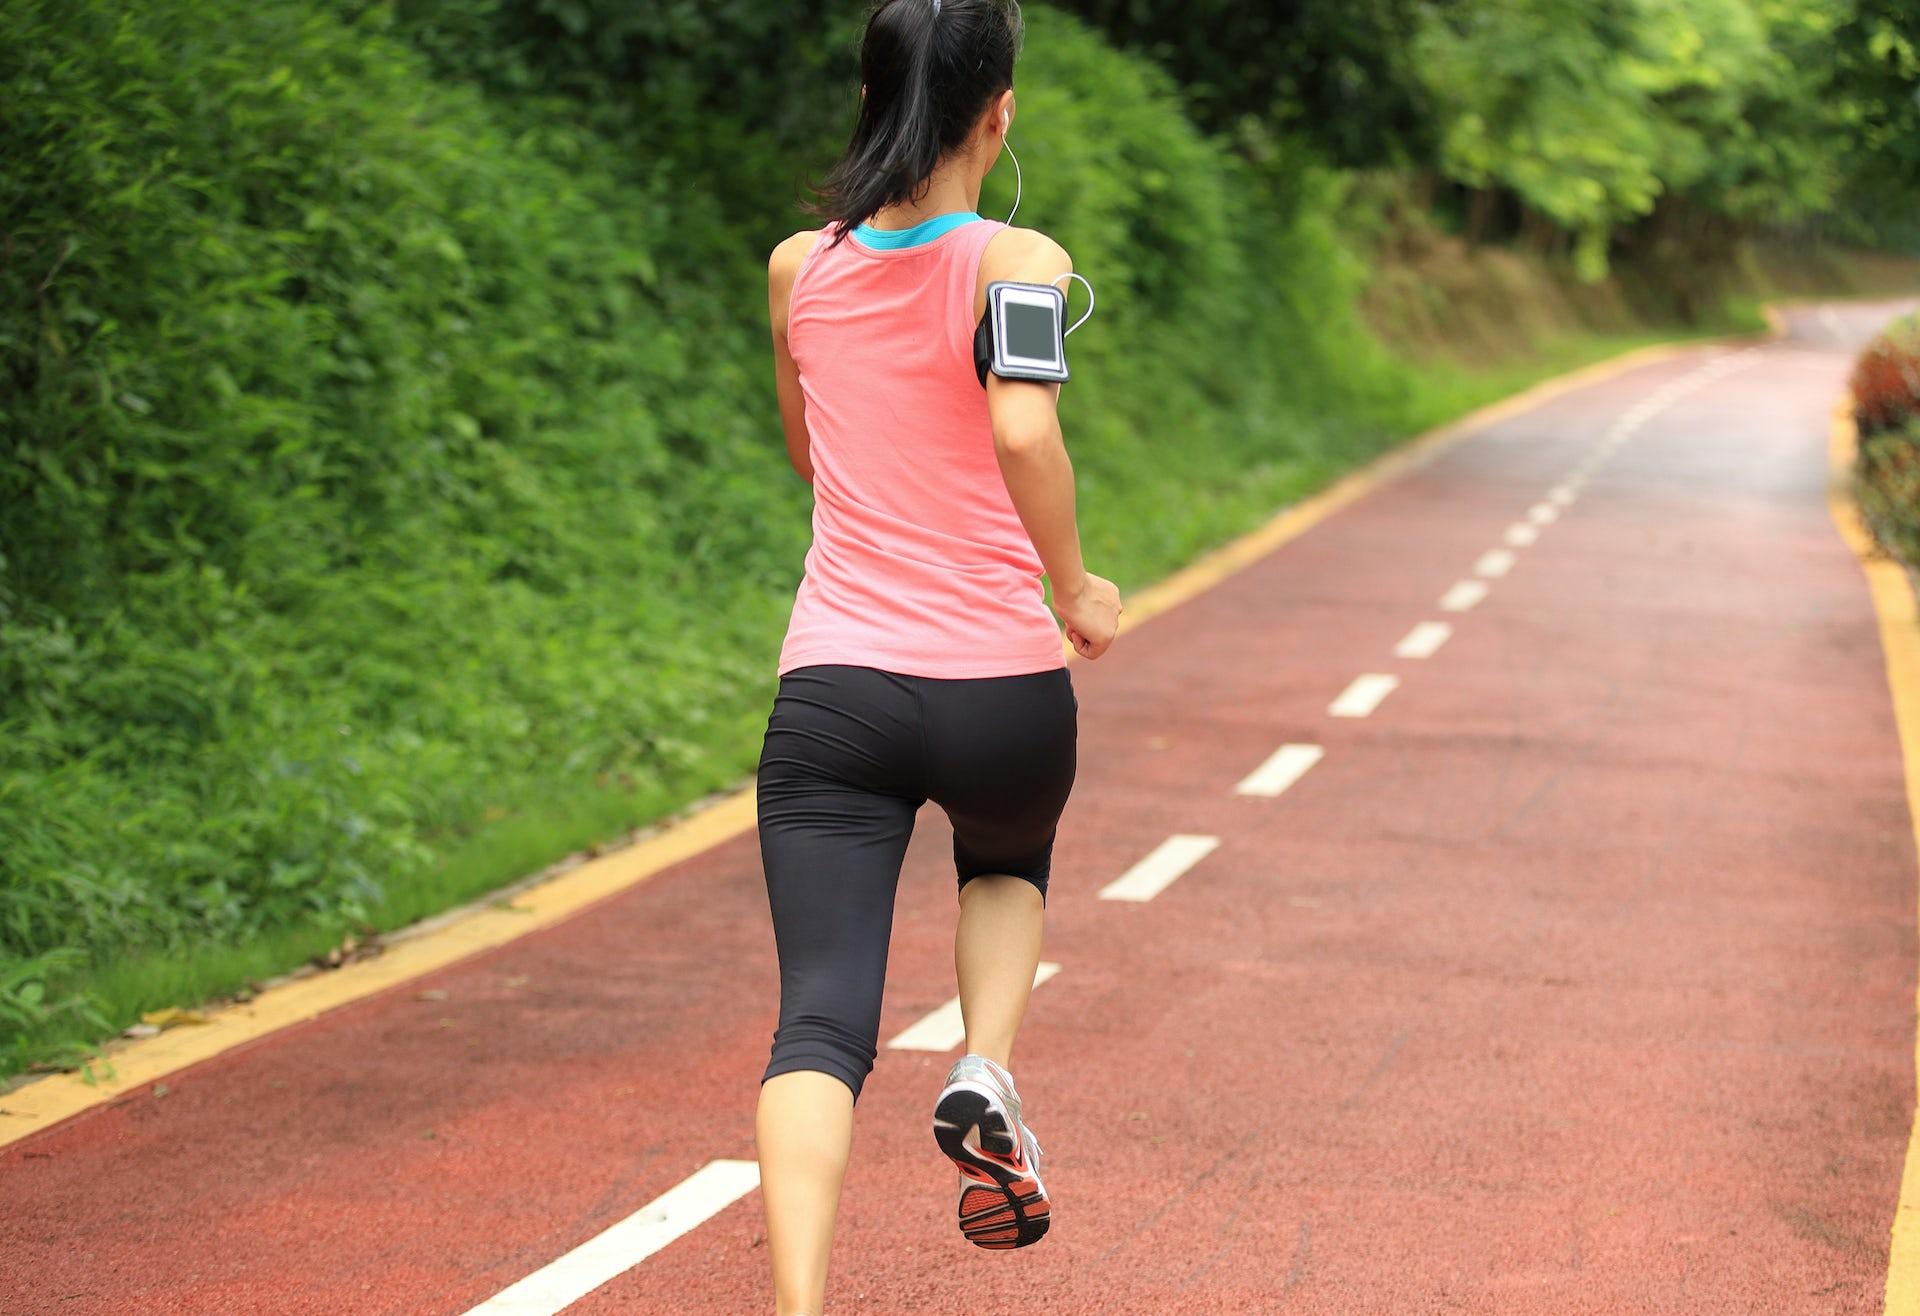 Les applications de suivi des performances sportives sont très prisées des adeptes de la course à pied. Shutterstock